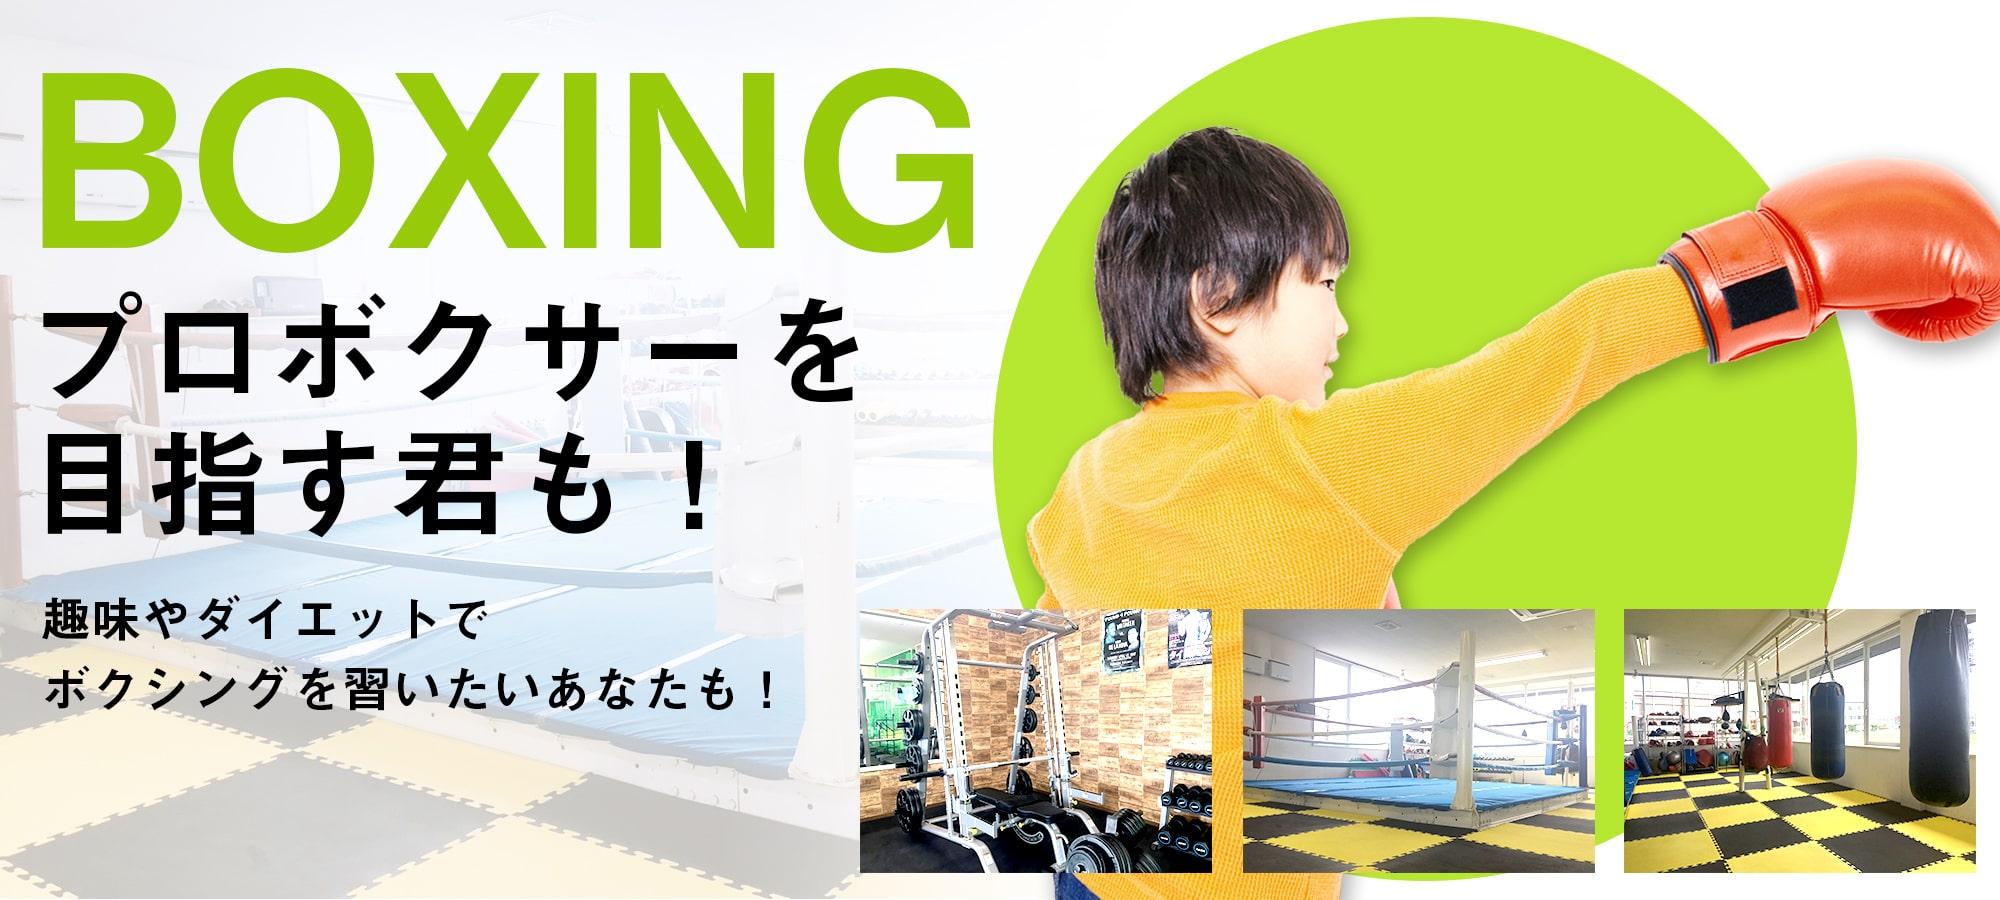 プロボクサーを目指す君も!趣味やダイエットでボクシングを習いたいあなたも!